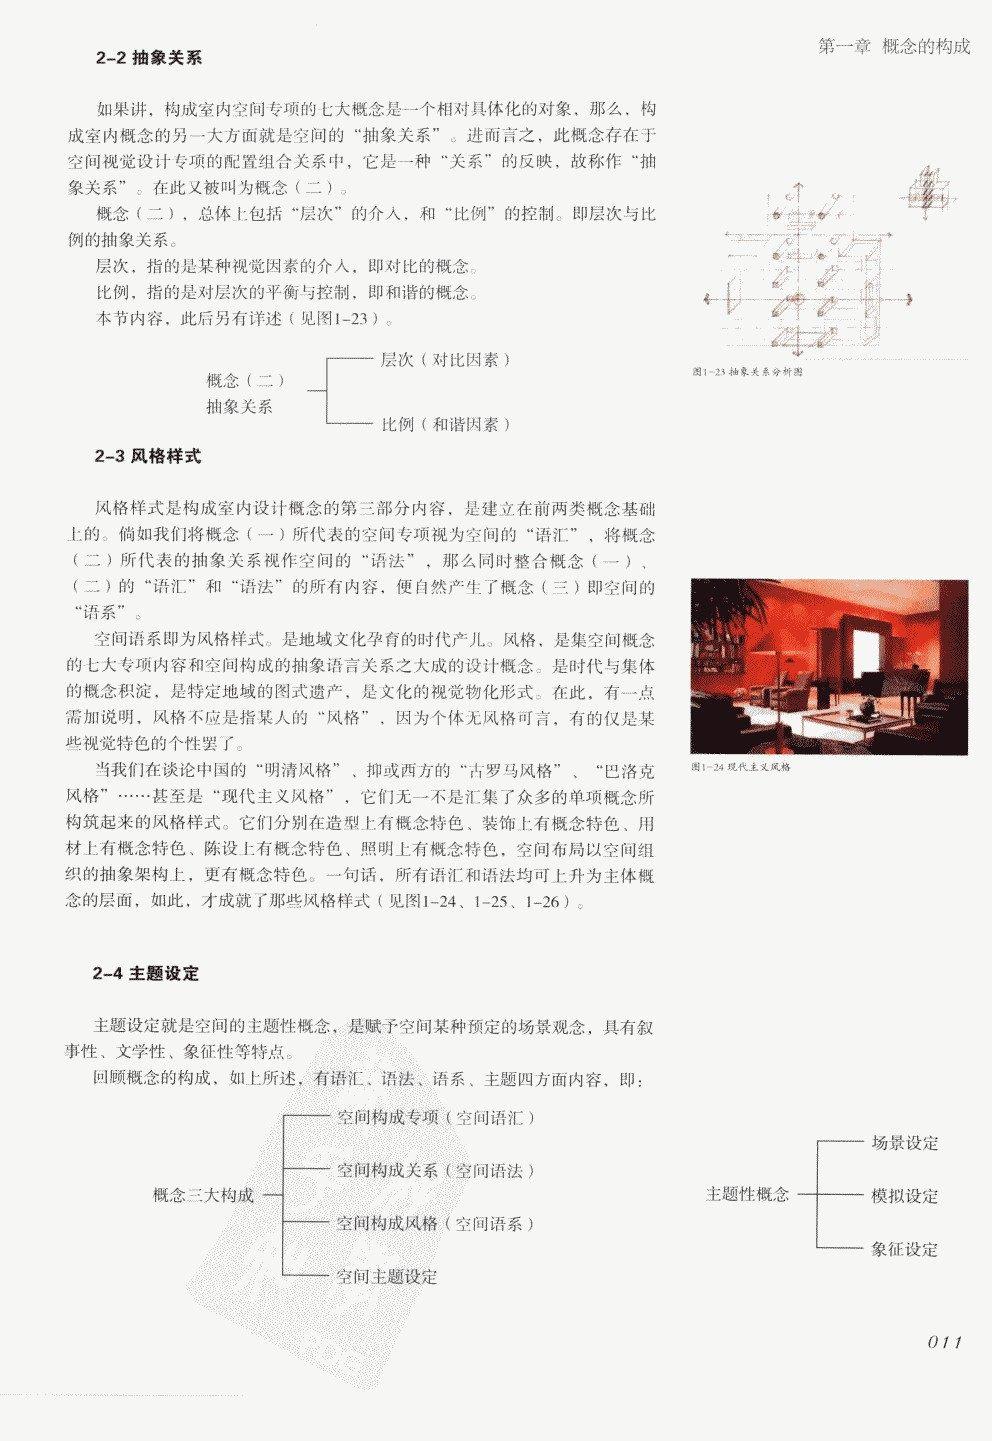 室内设计纲要++概念思考与过程表达_室内设计纲要  概念思考与过程表达_1297982..._页面_019.jpg